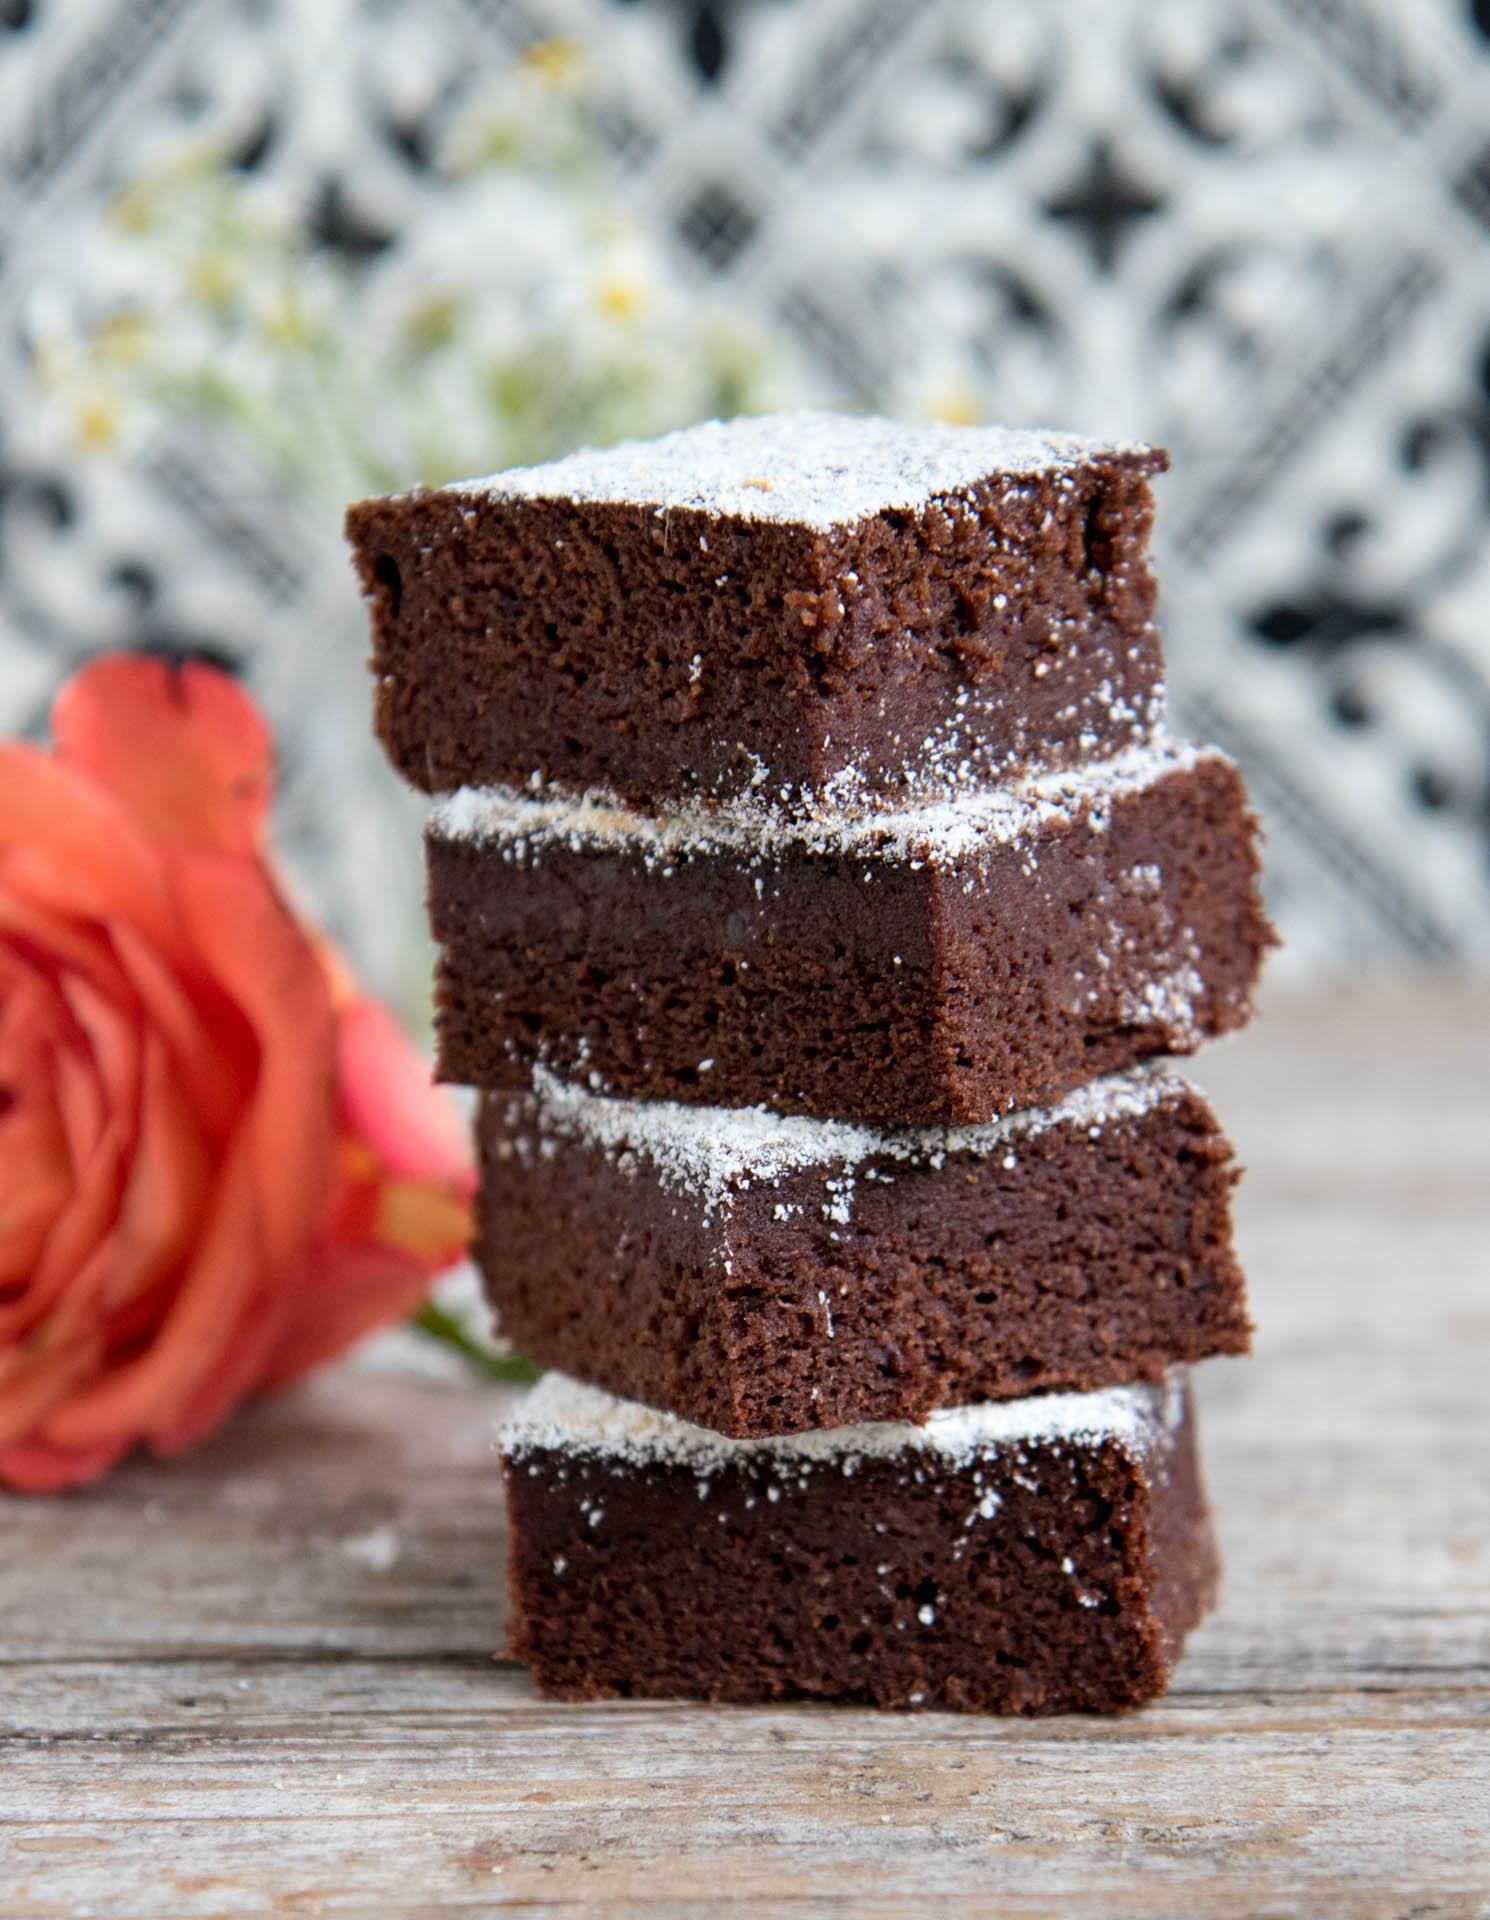 Dattelpaste selbstgemacht - gesunde Zuckeralternative - Mrs Flury - gesund essen & leben